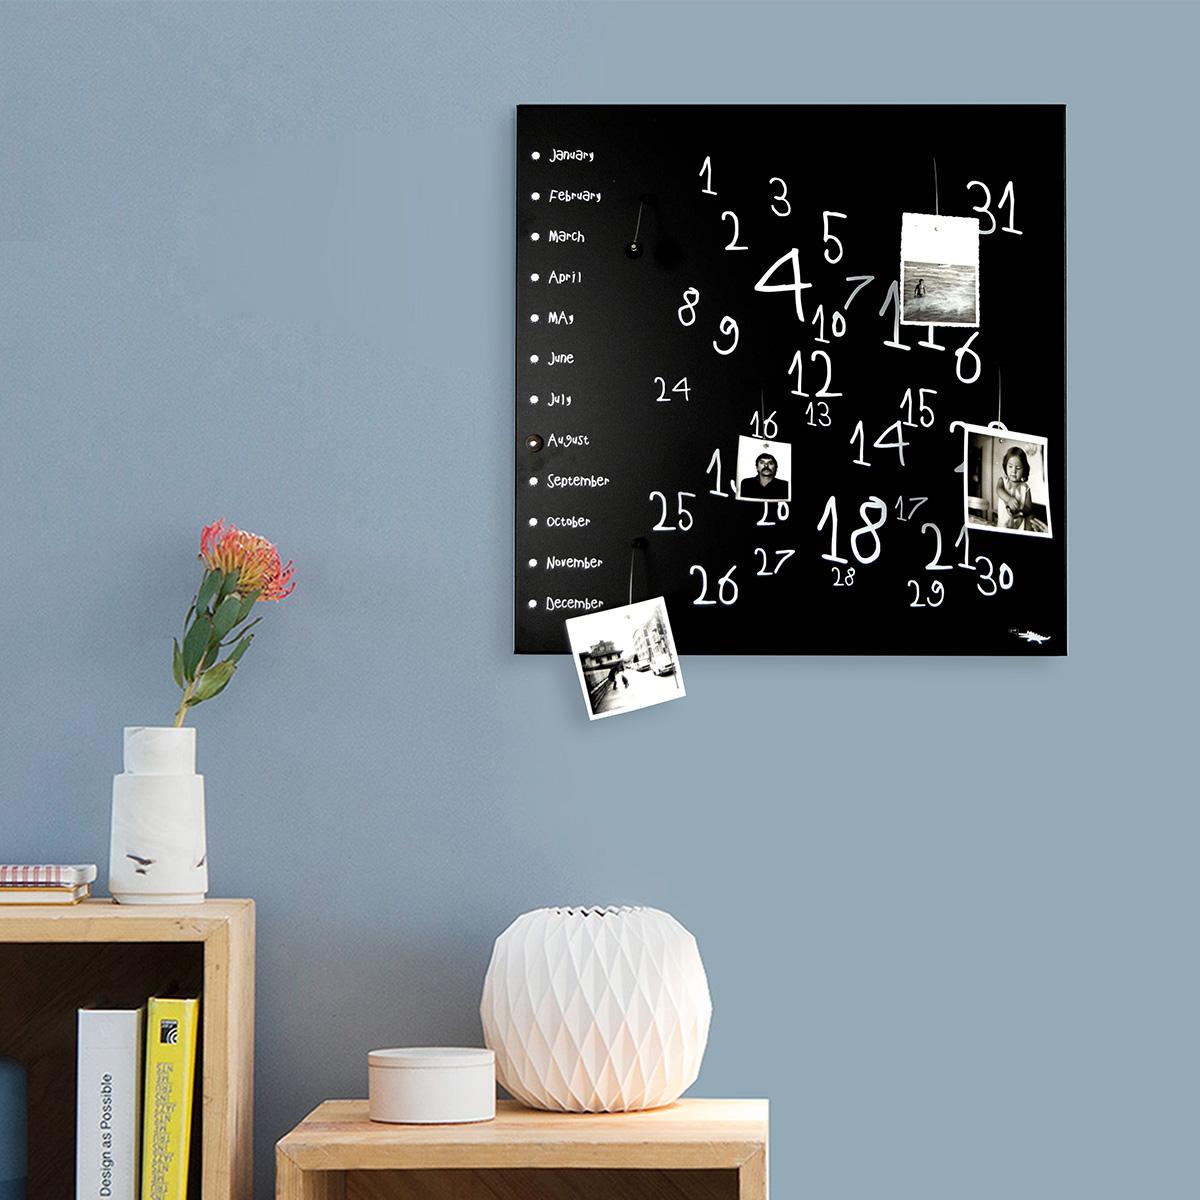 calendario-perpetuo-lavagna-magnetica-magnetic-board-perpetual-calendar-moo-kro1